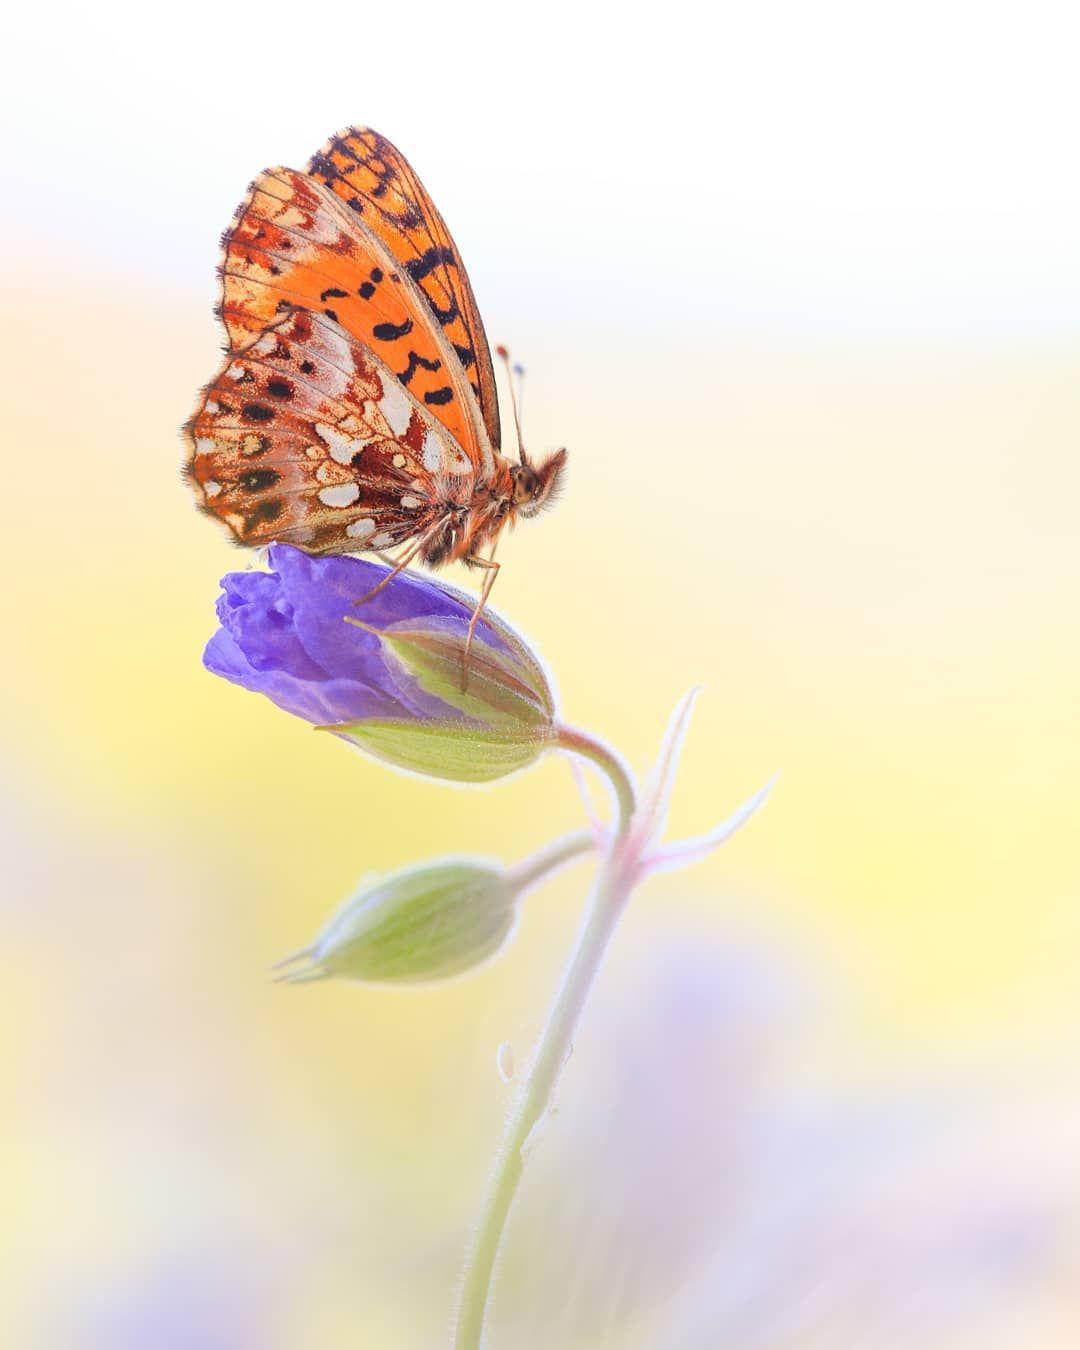 Andreas On Instagram Heute War Der Erste Tag Der Woche Mit Temperaturen Uber 20 C Unglaublich Wieviele Schmetterlinge Auf Einma Photographer Animals Insects